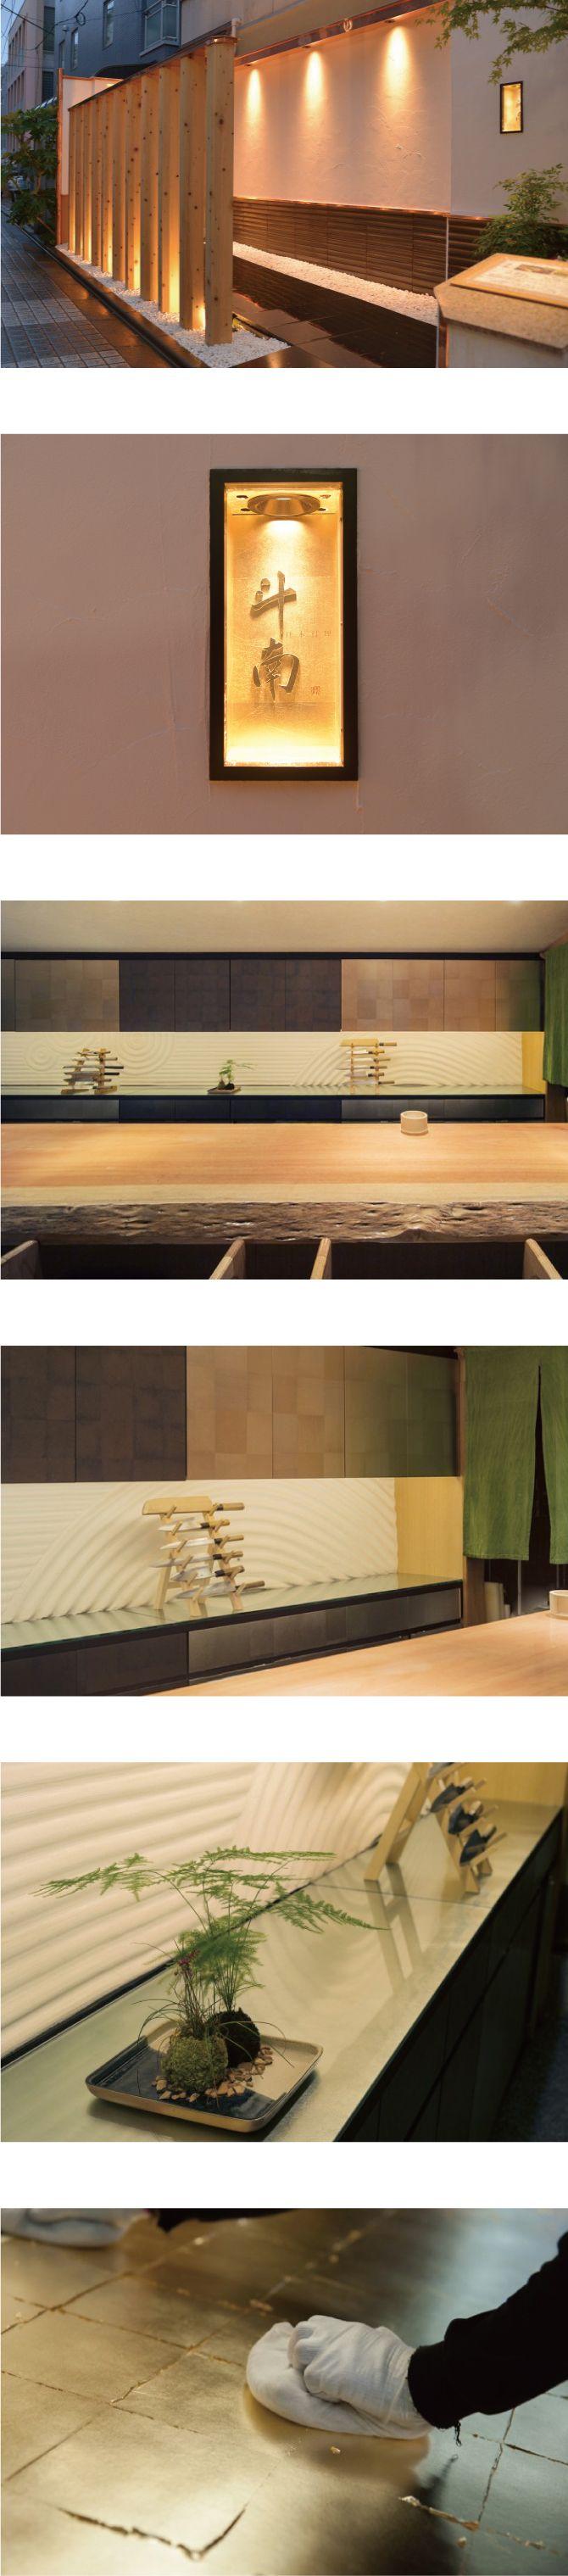 日本料理店「斗南(となみ)」を 箔シートでリニューアル! #日本料理店 #インテリア #カッティングシート #内装 #箔シート #箔 #中川ケミカル